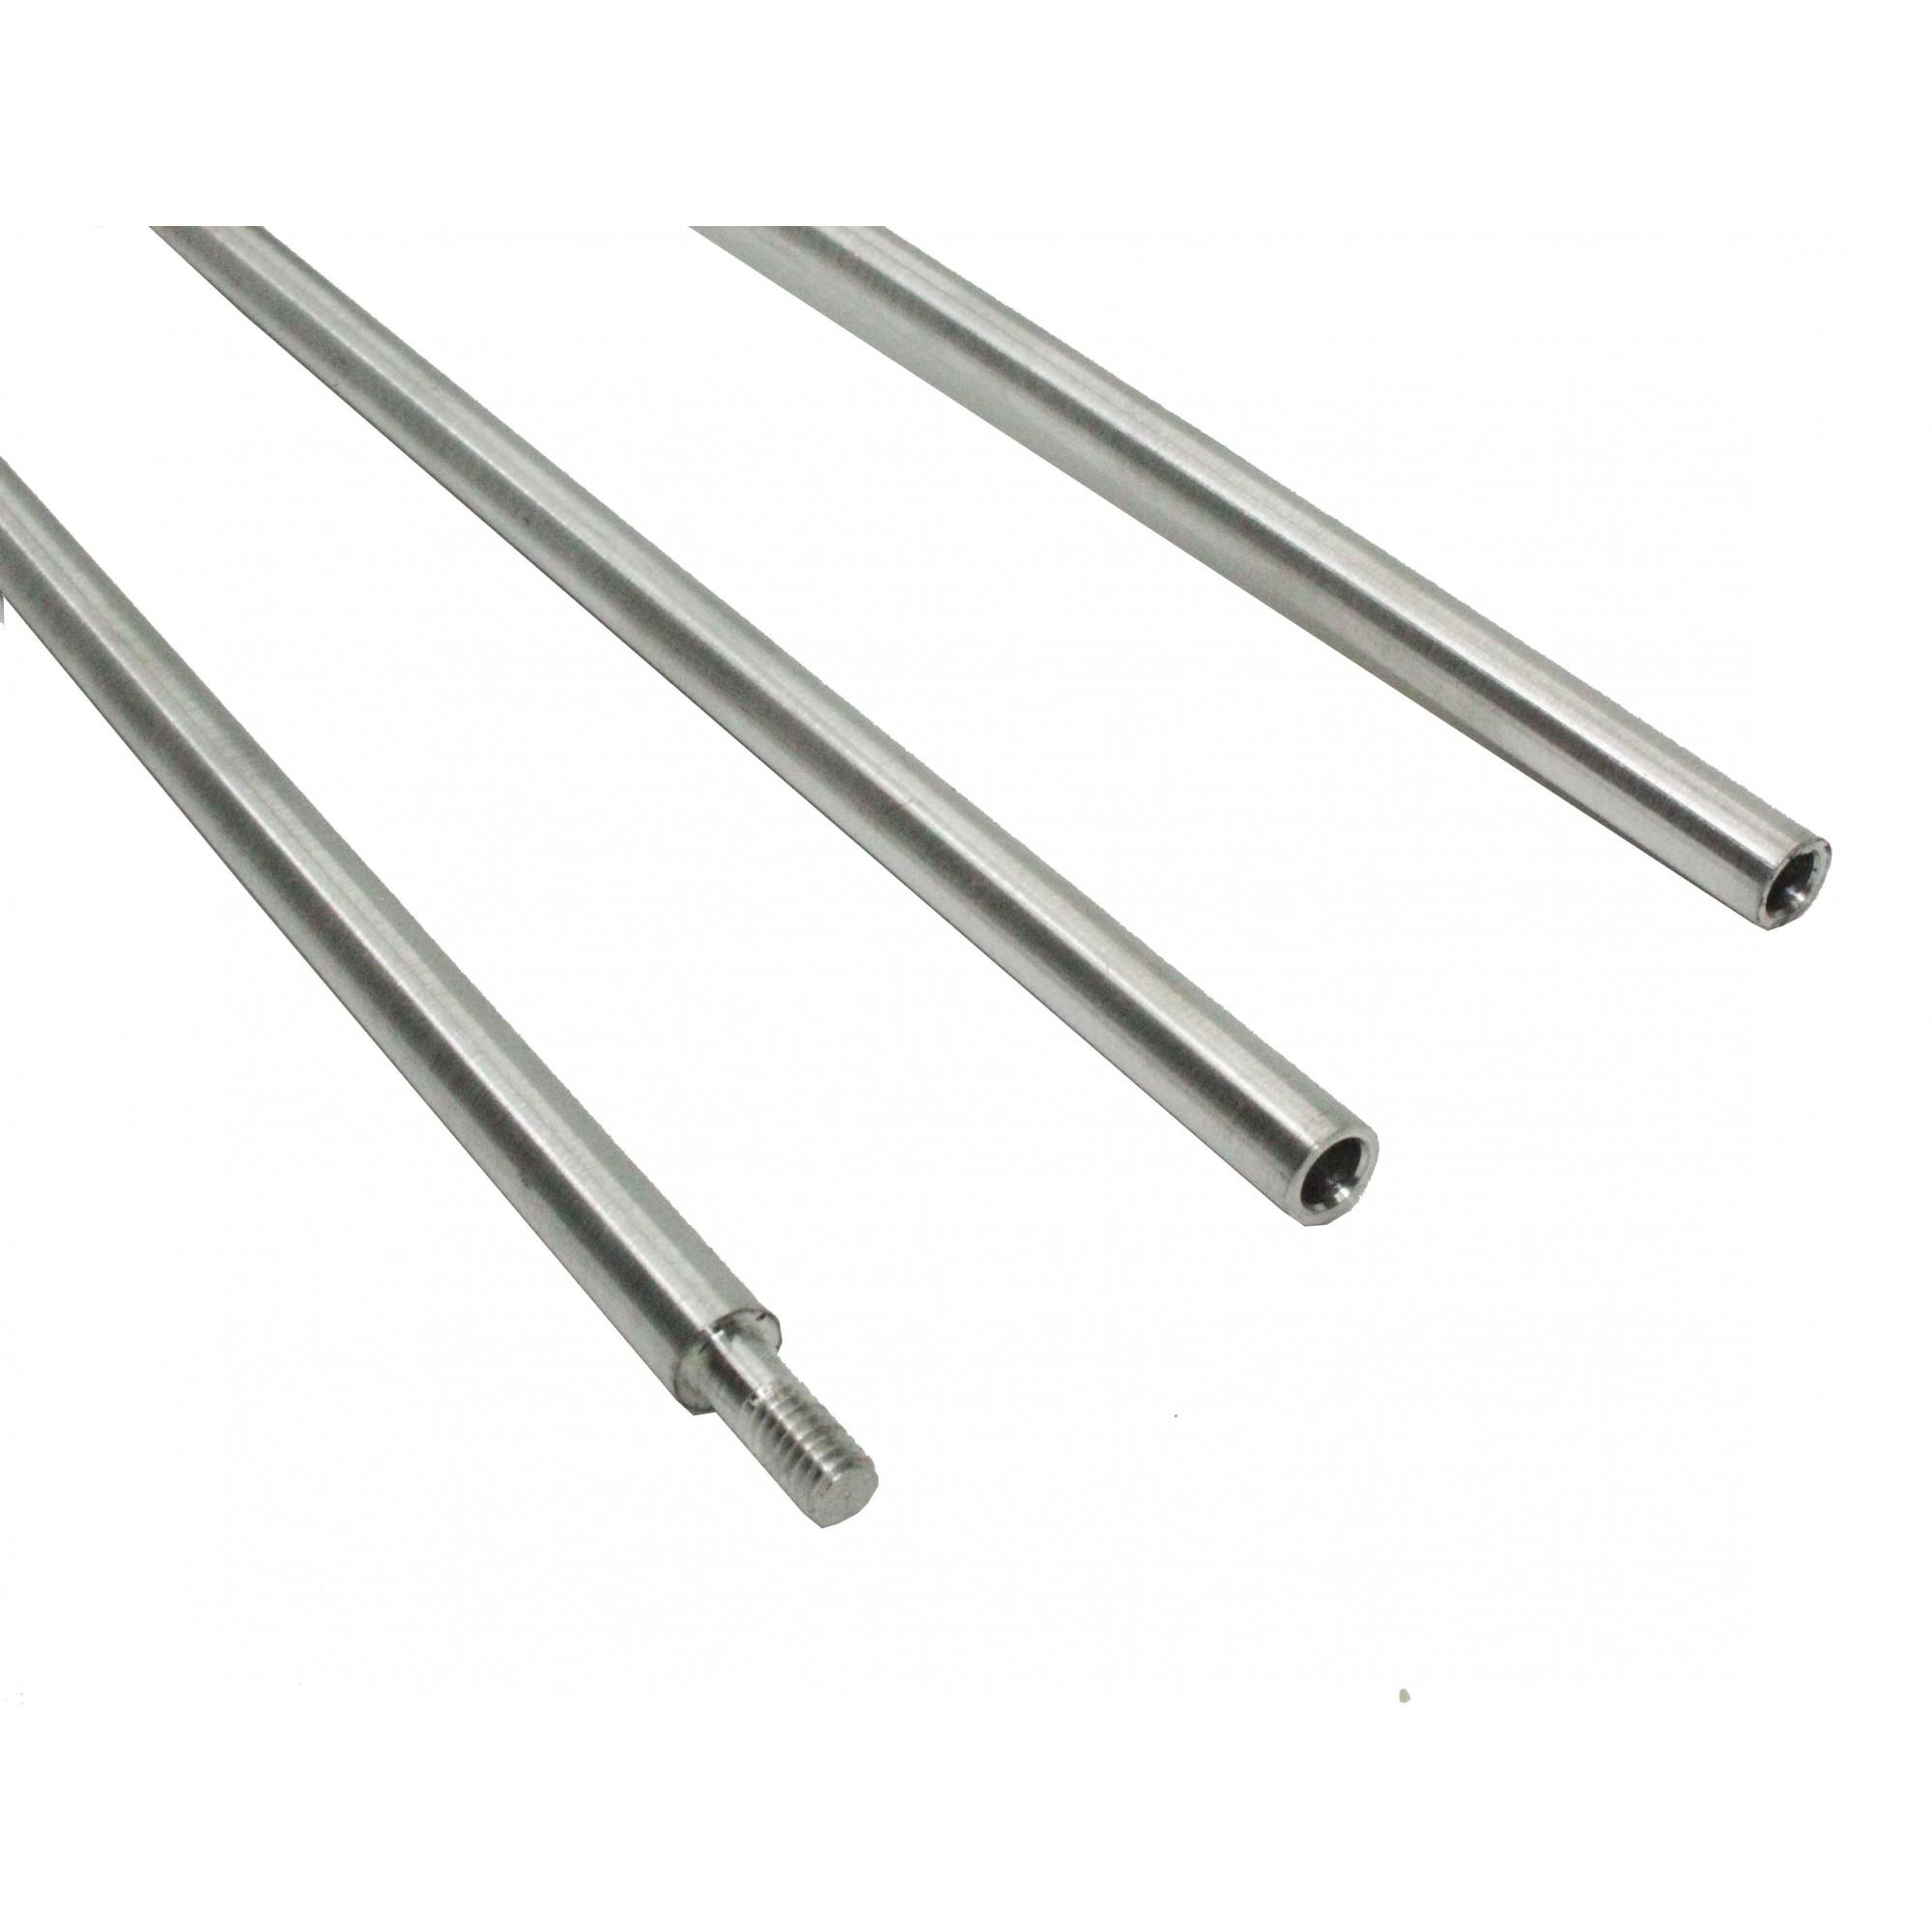 Kit de Limpeza Standard Para Carabina Calibre .22 .38 .40 .556